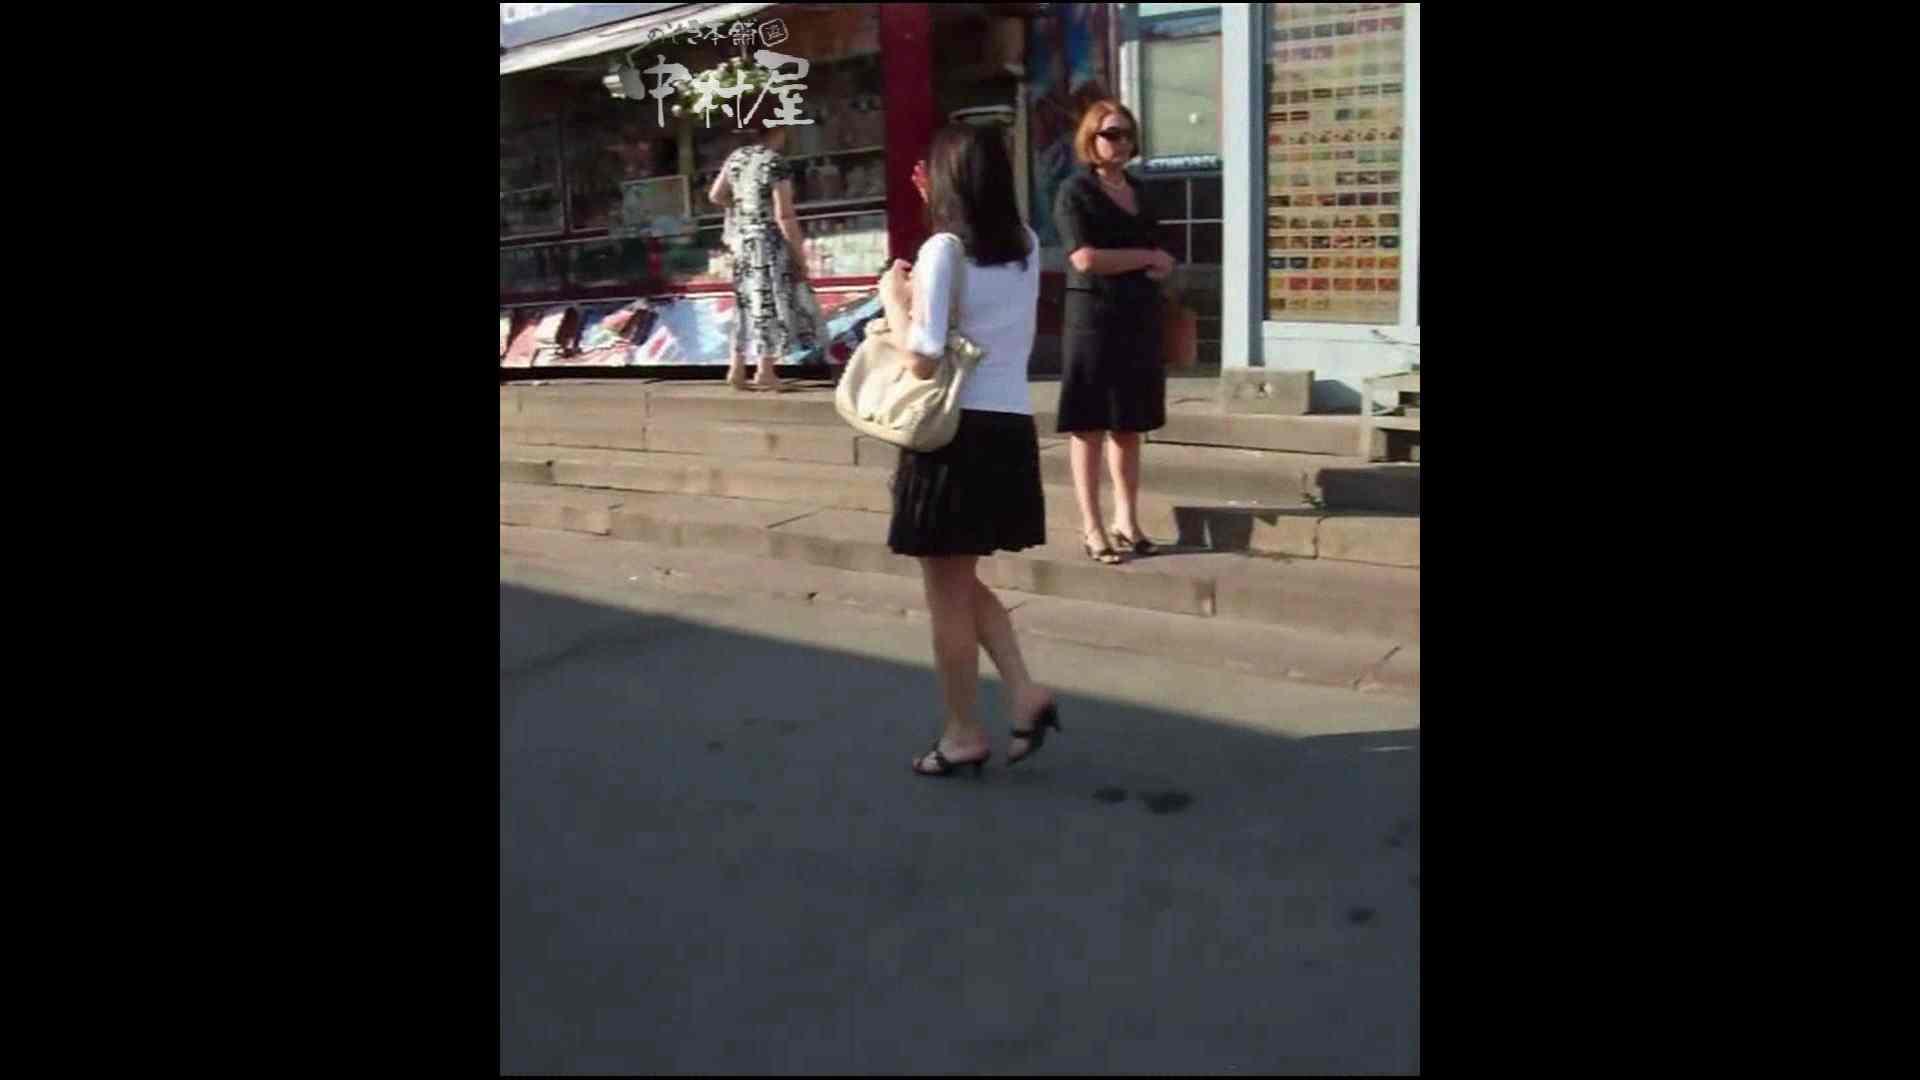 綺麗なモデルさんのスカート捲っちゃおう‼ vol23 お姉さんヌード  66画像 60